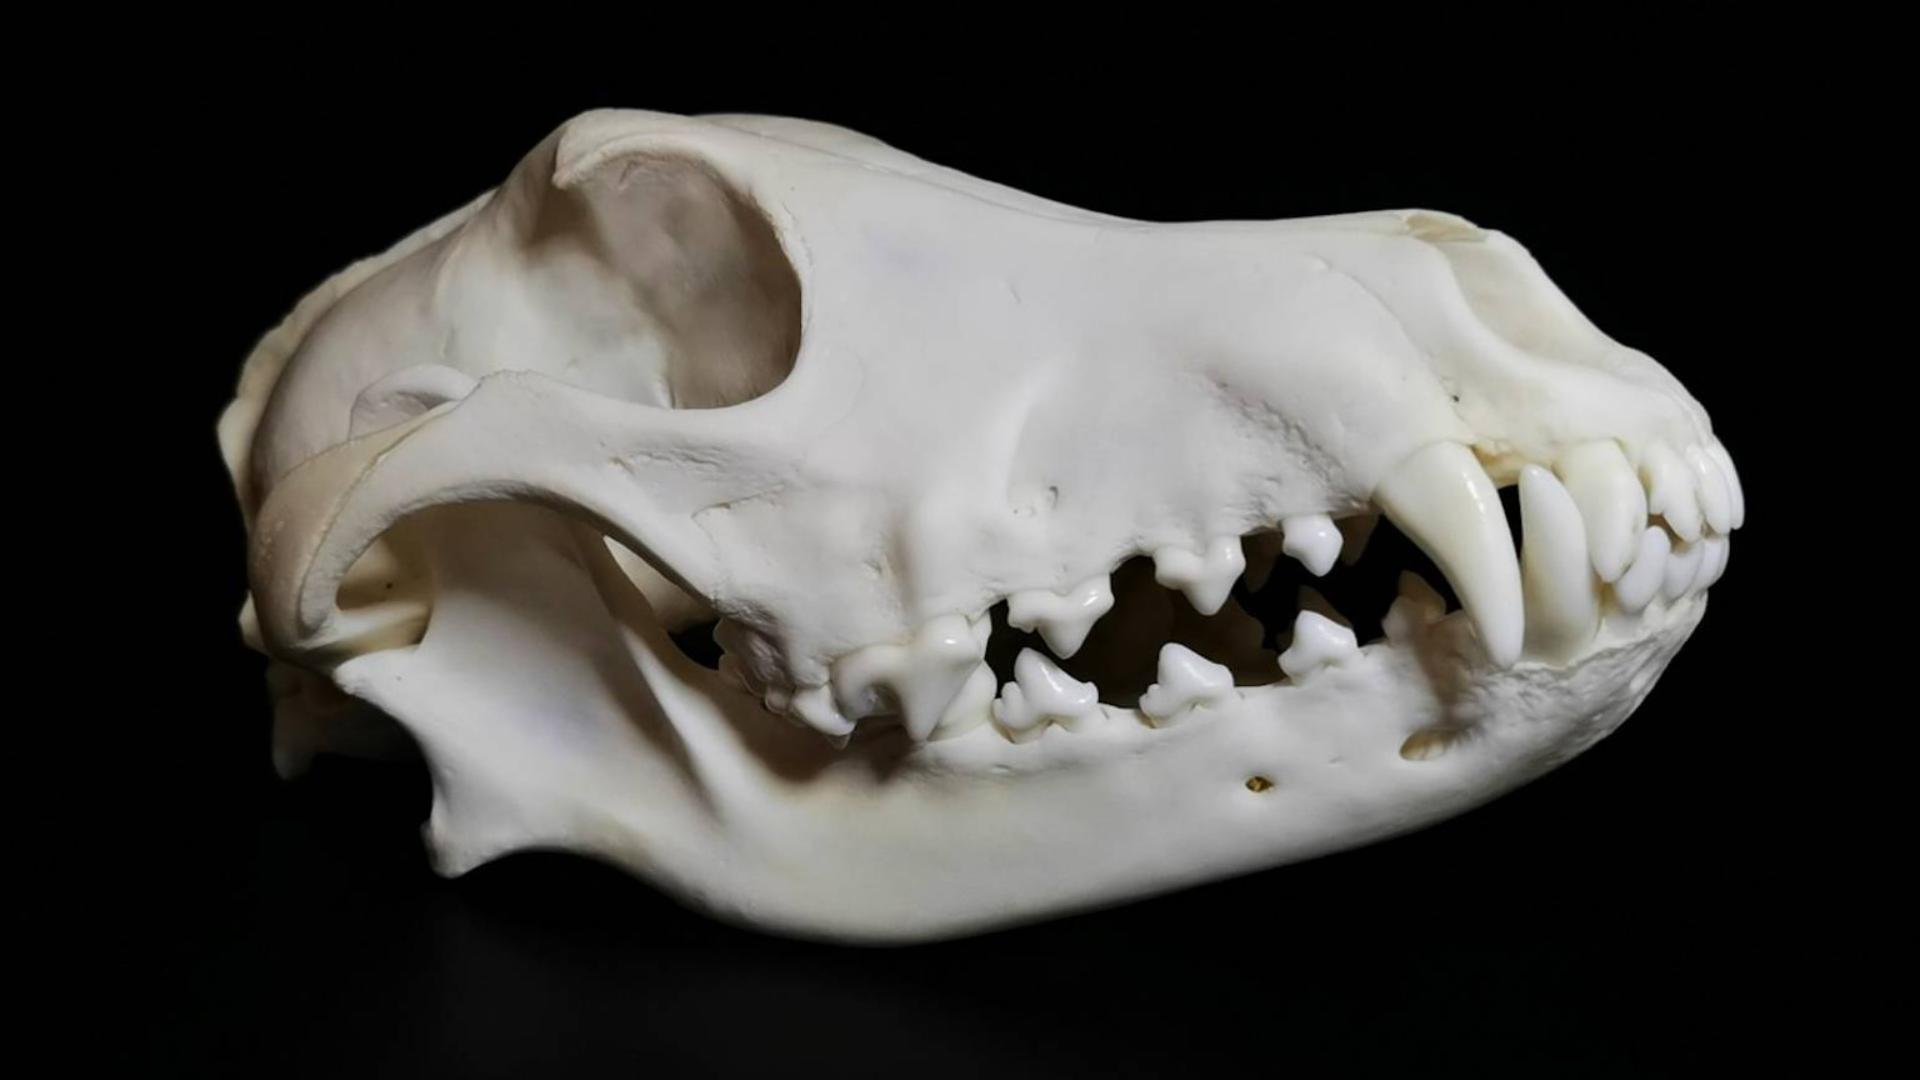 纯白之美:骨头是如何升华成标本的